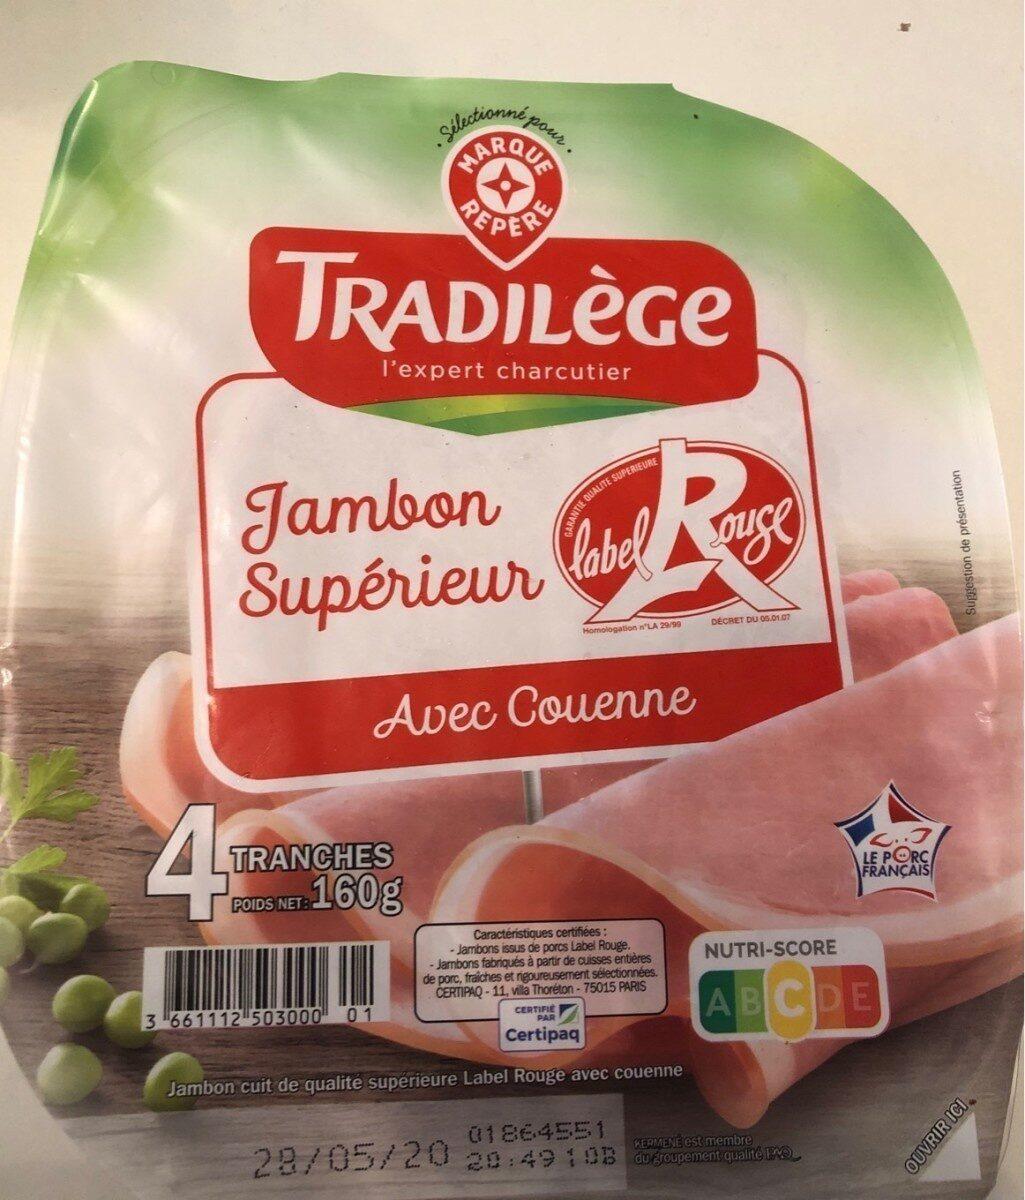 Jambon supérieur avec couenne label rouge - Prodotto - fr